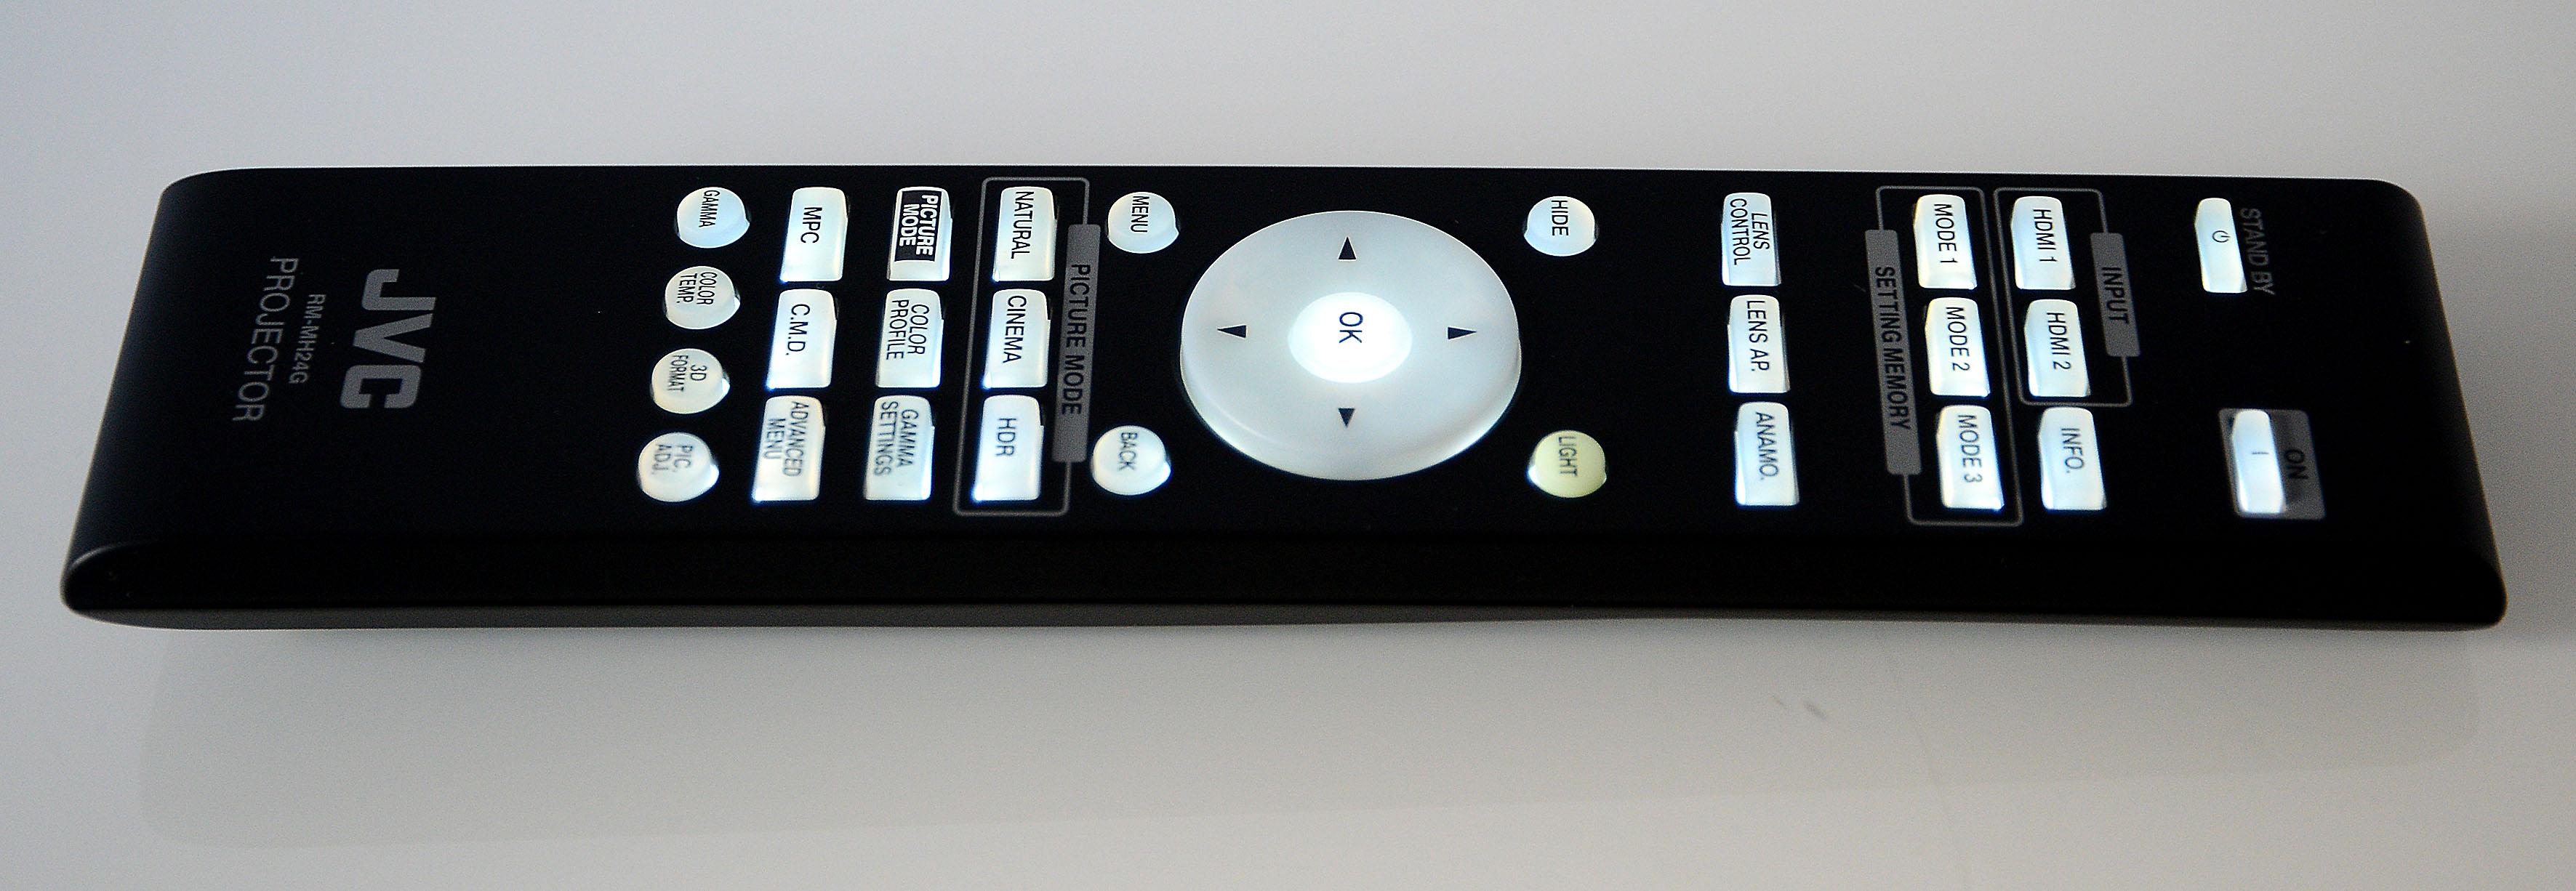 Foto: Michael B. Rehders Die handliche Fernbedienung des JVC DLA-X7900 besitzt eine angenehm helle Hintergrundbeleuchtung. Diese sorgt für sehr gut lesbare Tastaturbeschriftungen. Damit gelingt die Navigation durch das On-Screen-Menü zügig. Für die Lens-Memory-Funktion stehen gleich drei Direktwahltasten zur Verfügung: Mode 1 – 3.